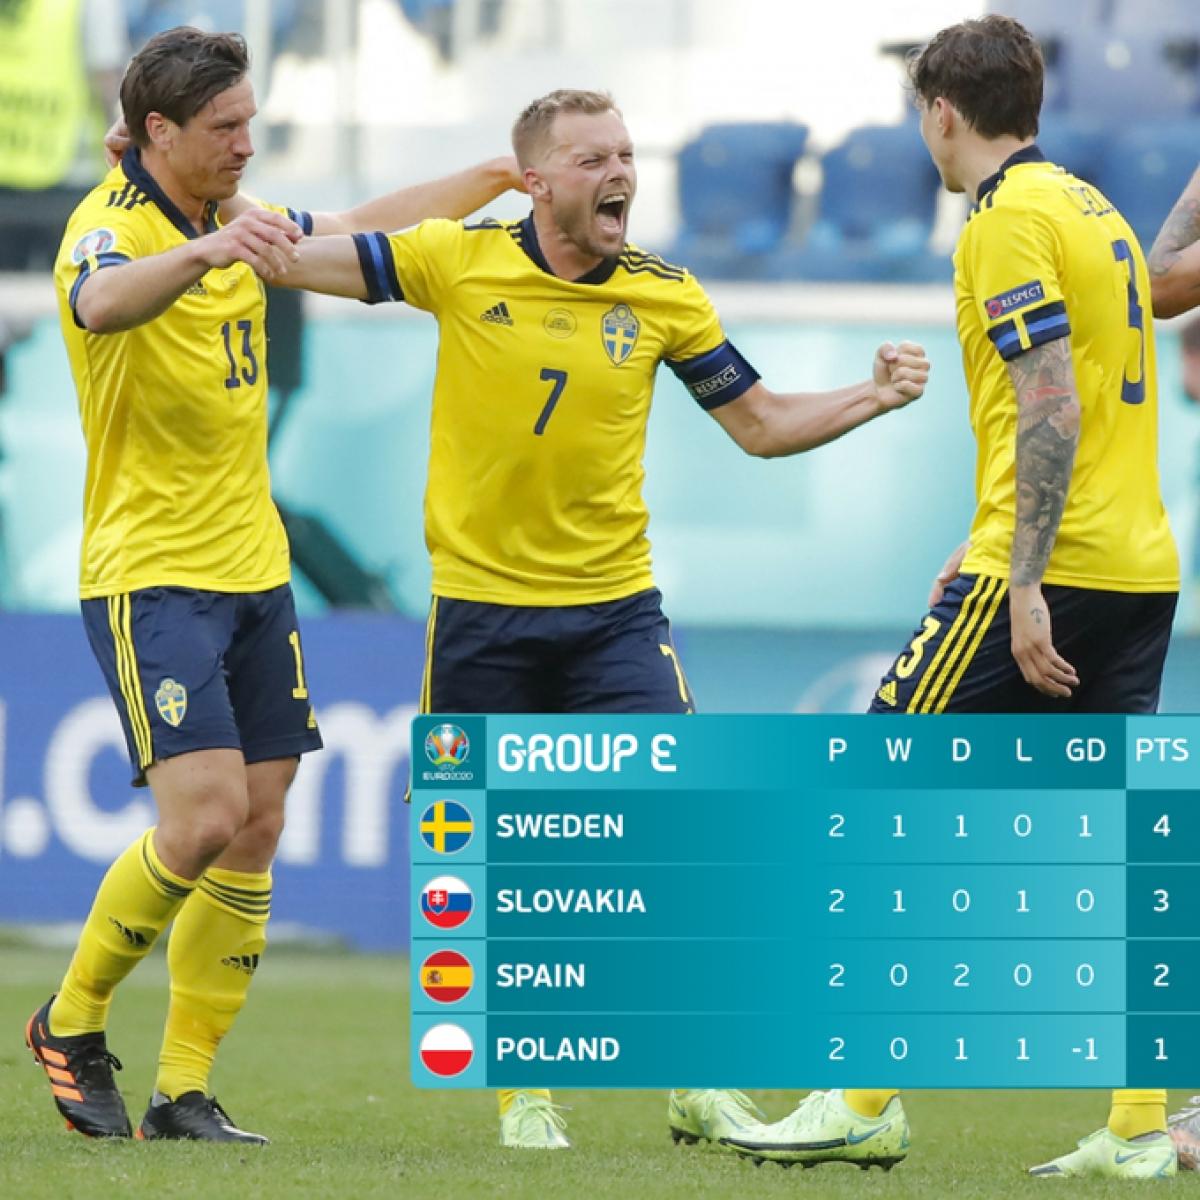 Thụy Điển đã giành vé đi tiếp tại bảng E trước khi bước vào lượt trận cuối. (Ảnh: UEFA)